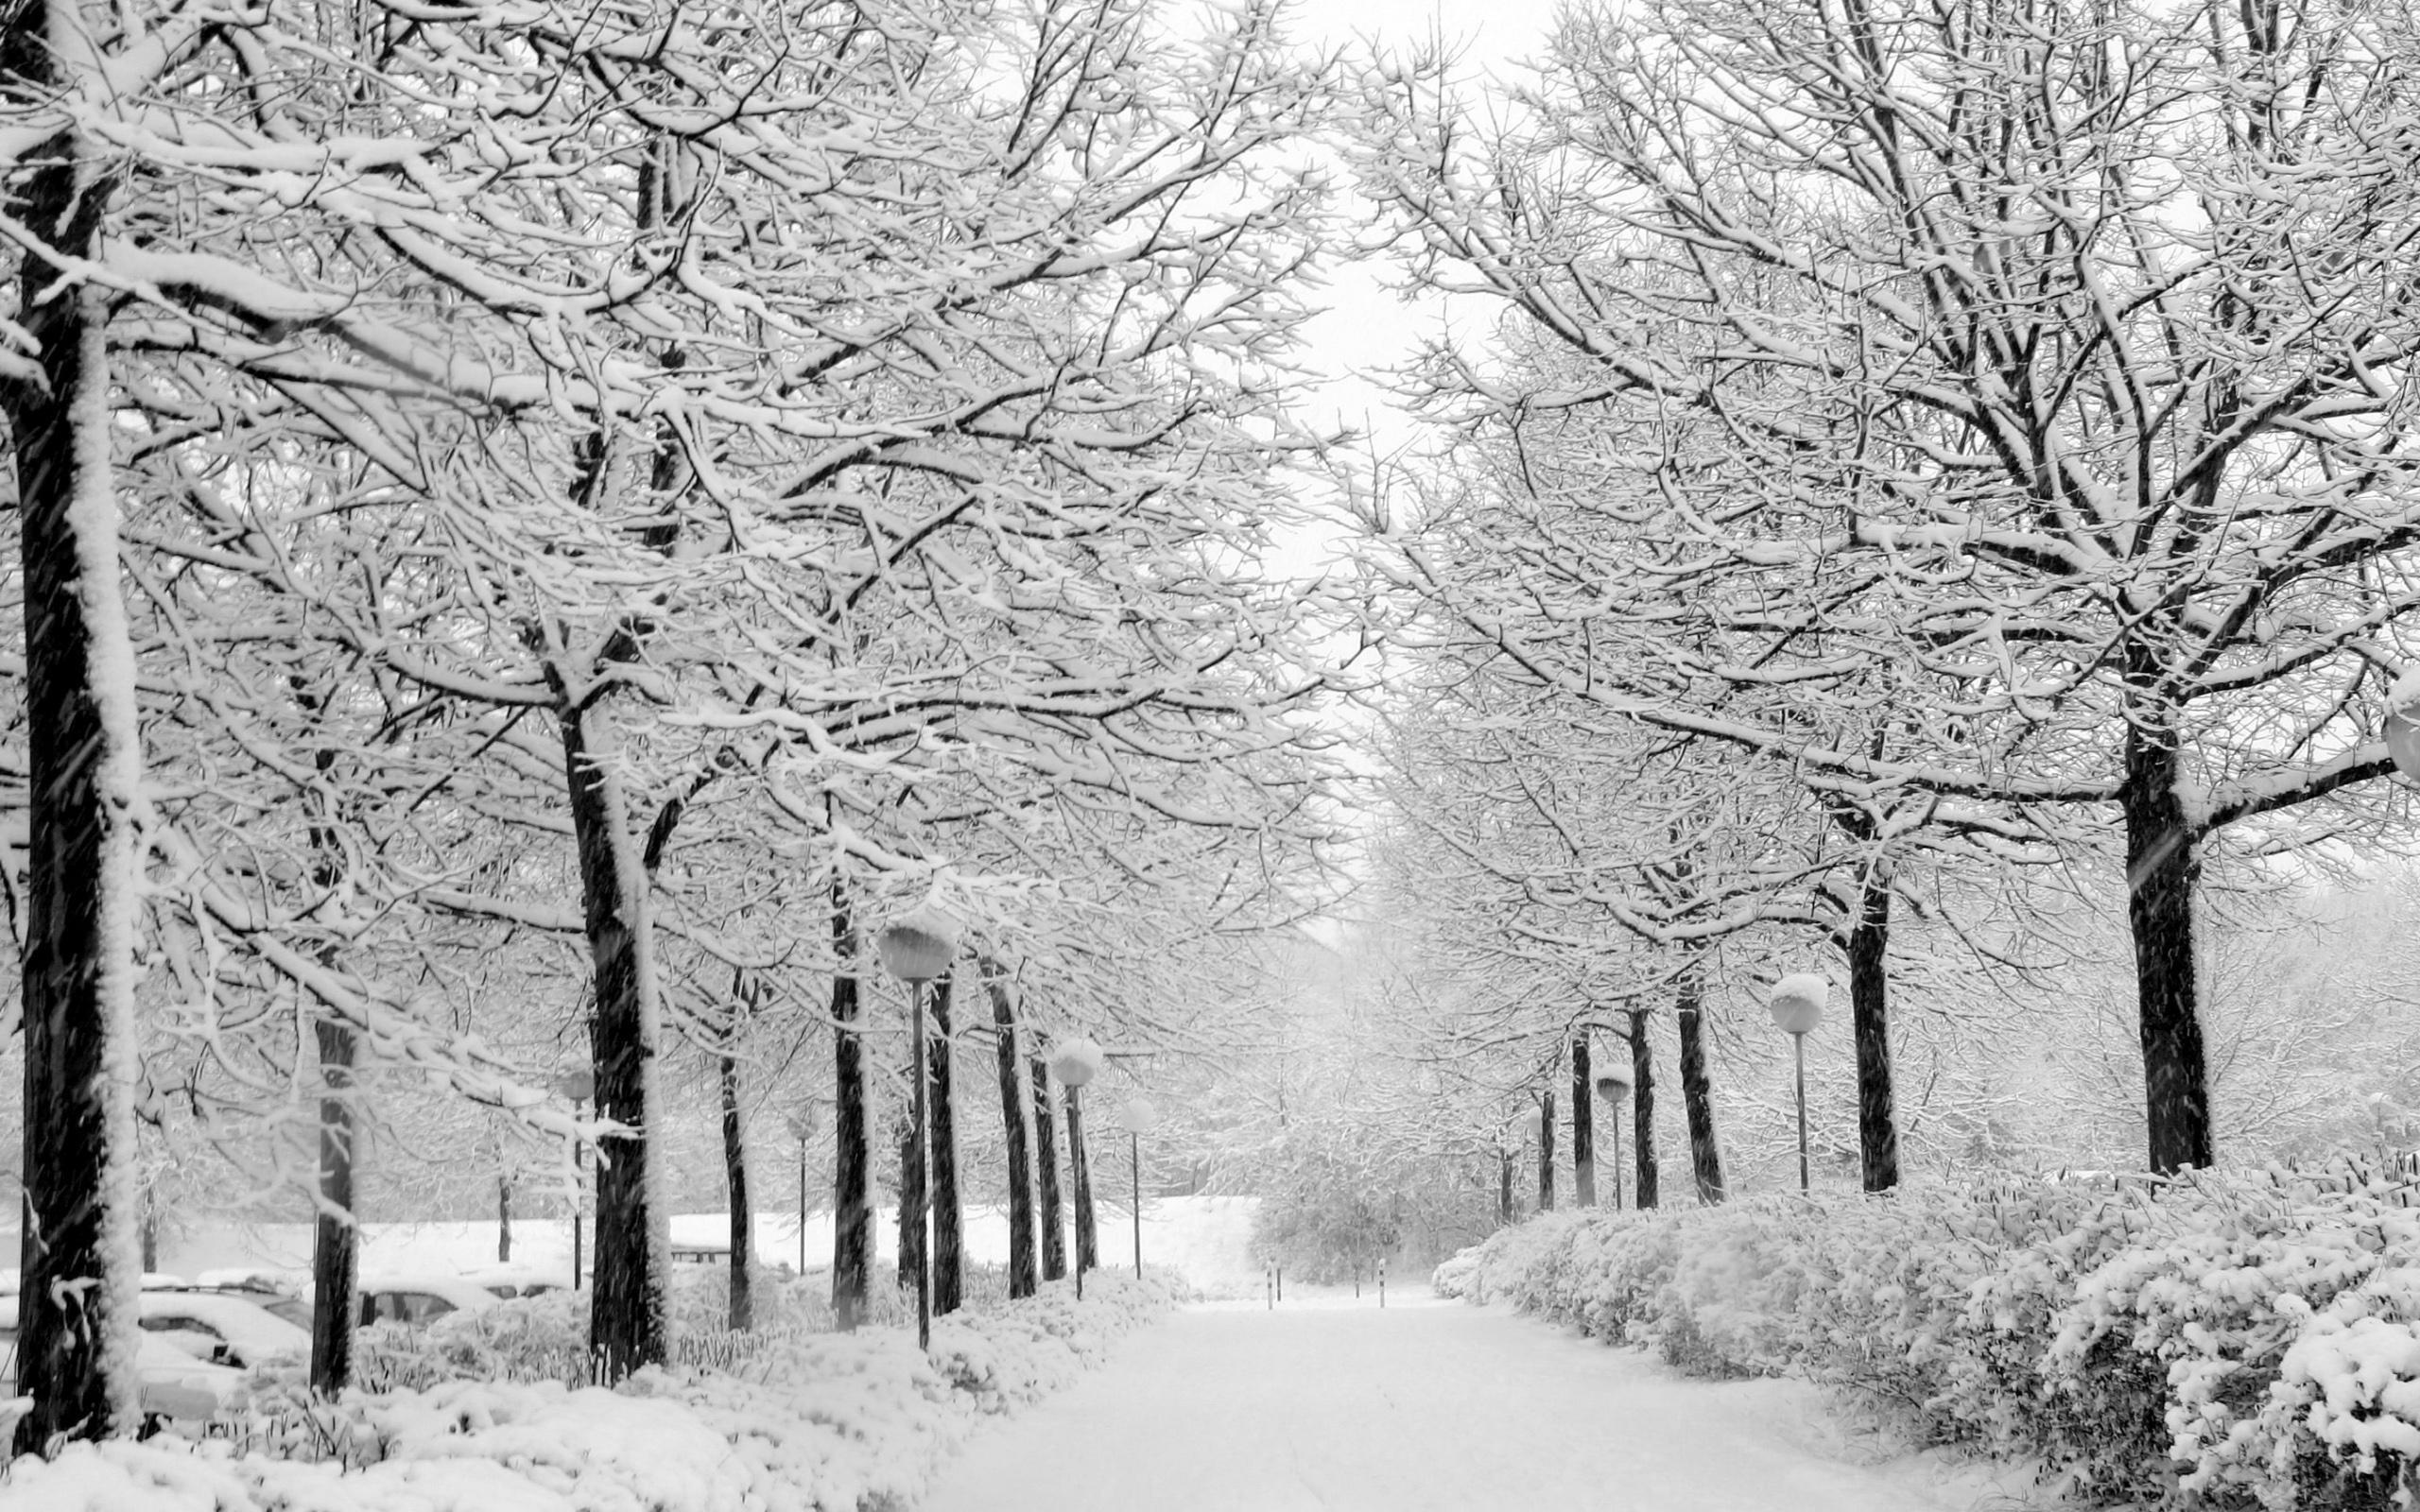 Free winter snow desktop wallpaper wallpapersafari.